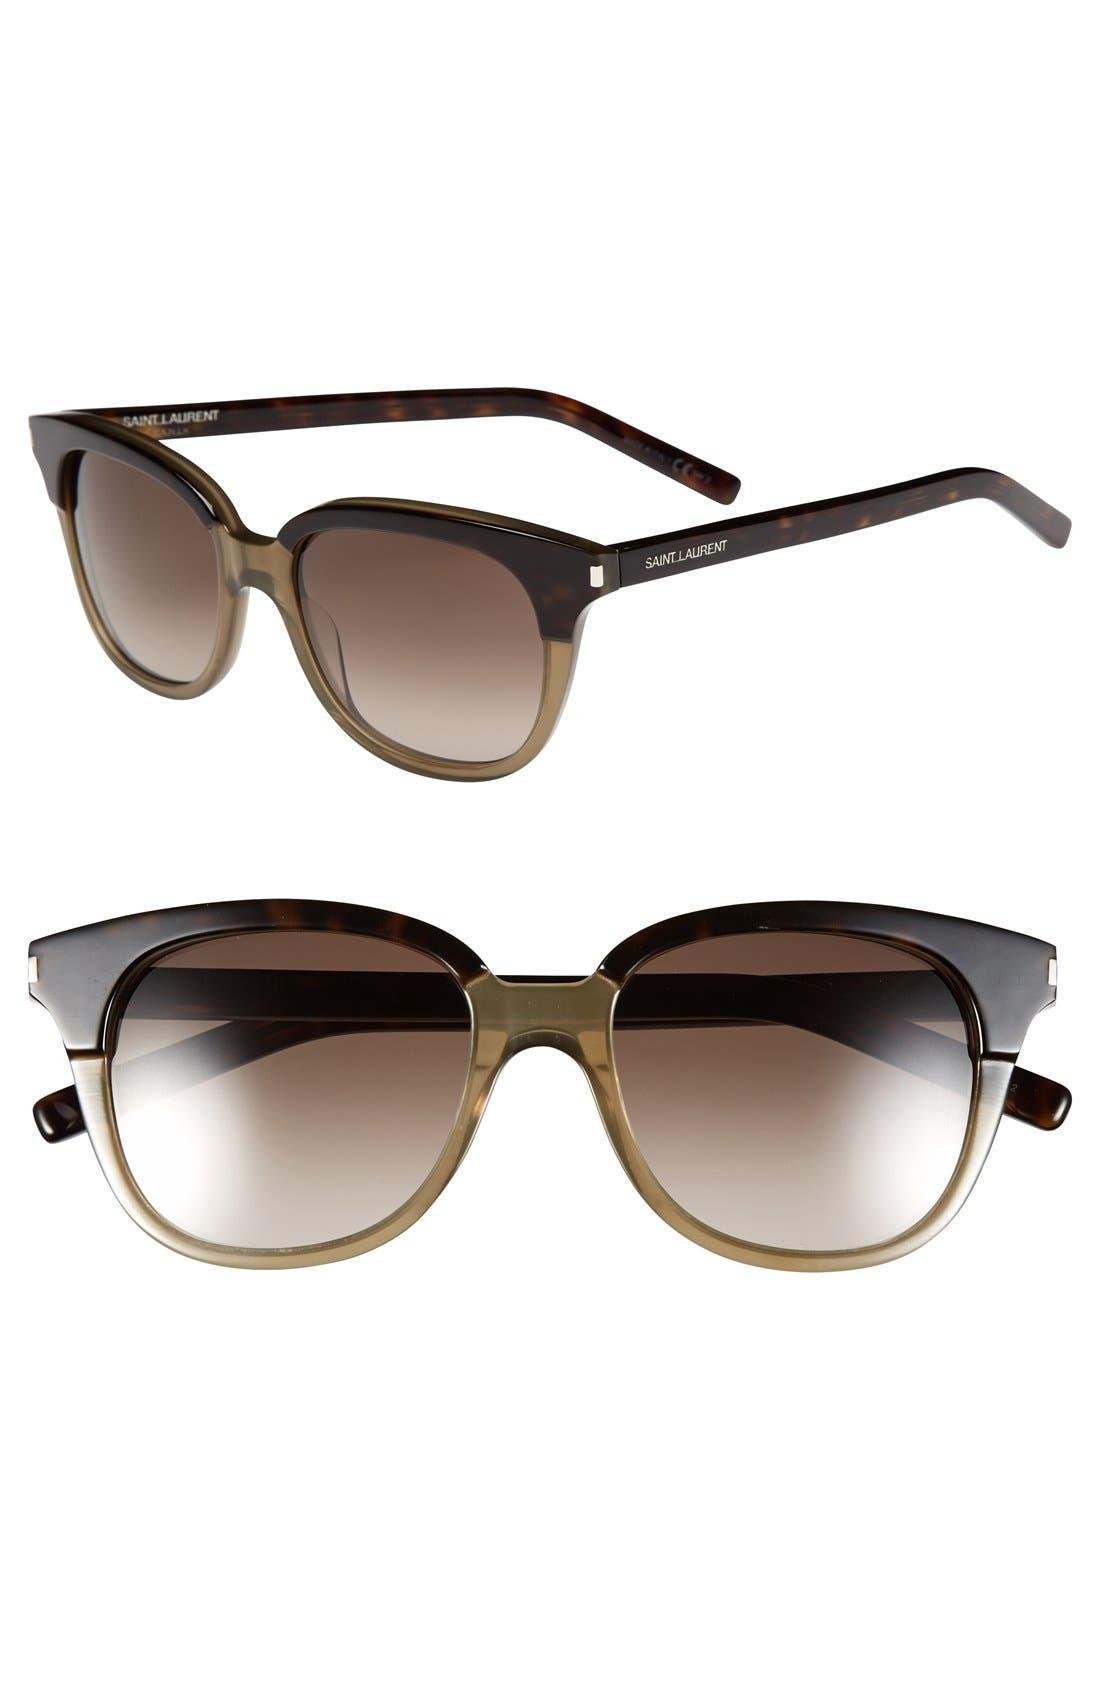 Main Image - Saint Laurent 51mm Retro Sunglasses